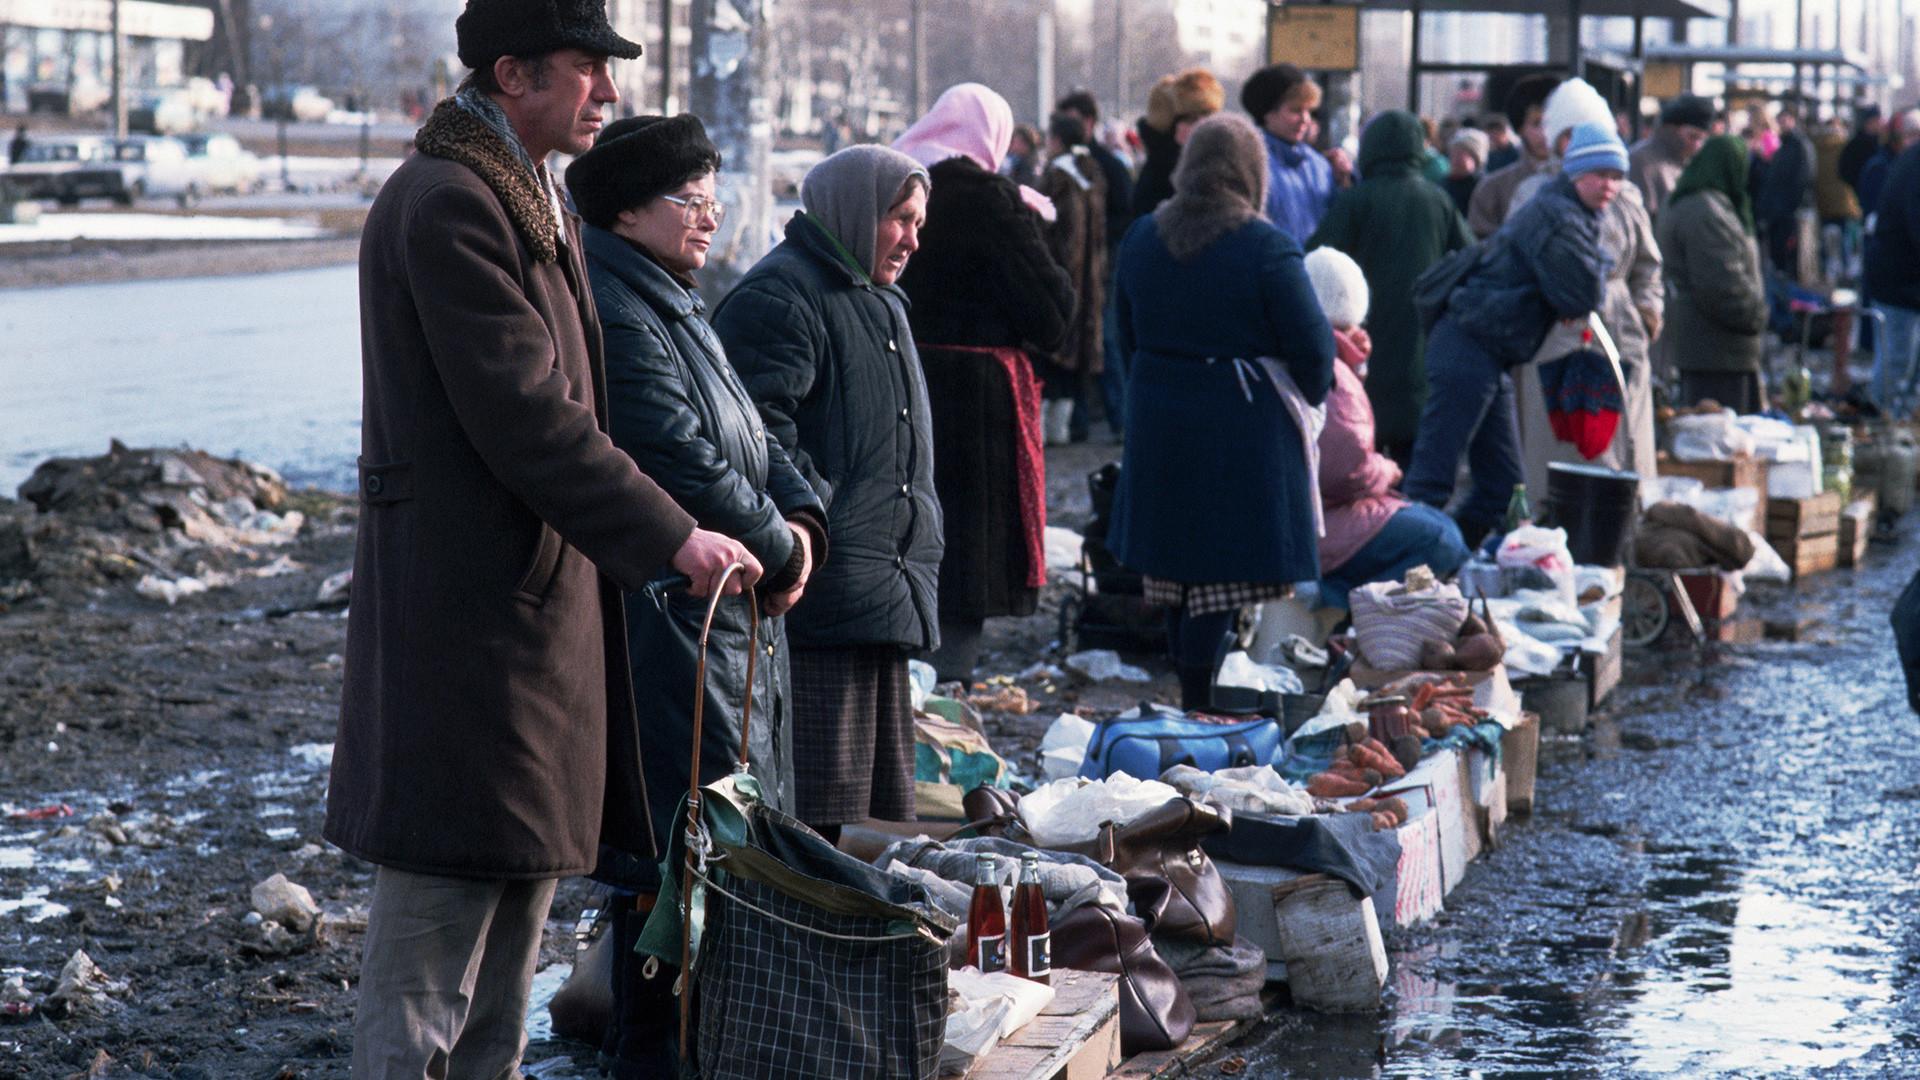 Des citoyens vendent leurs biens sur un marché installé le long d'une rue boueuse de Moscou.